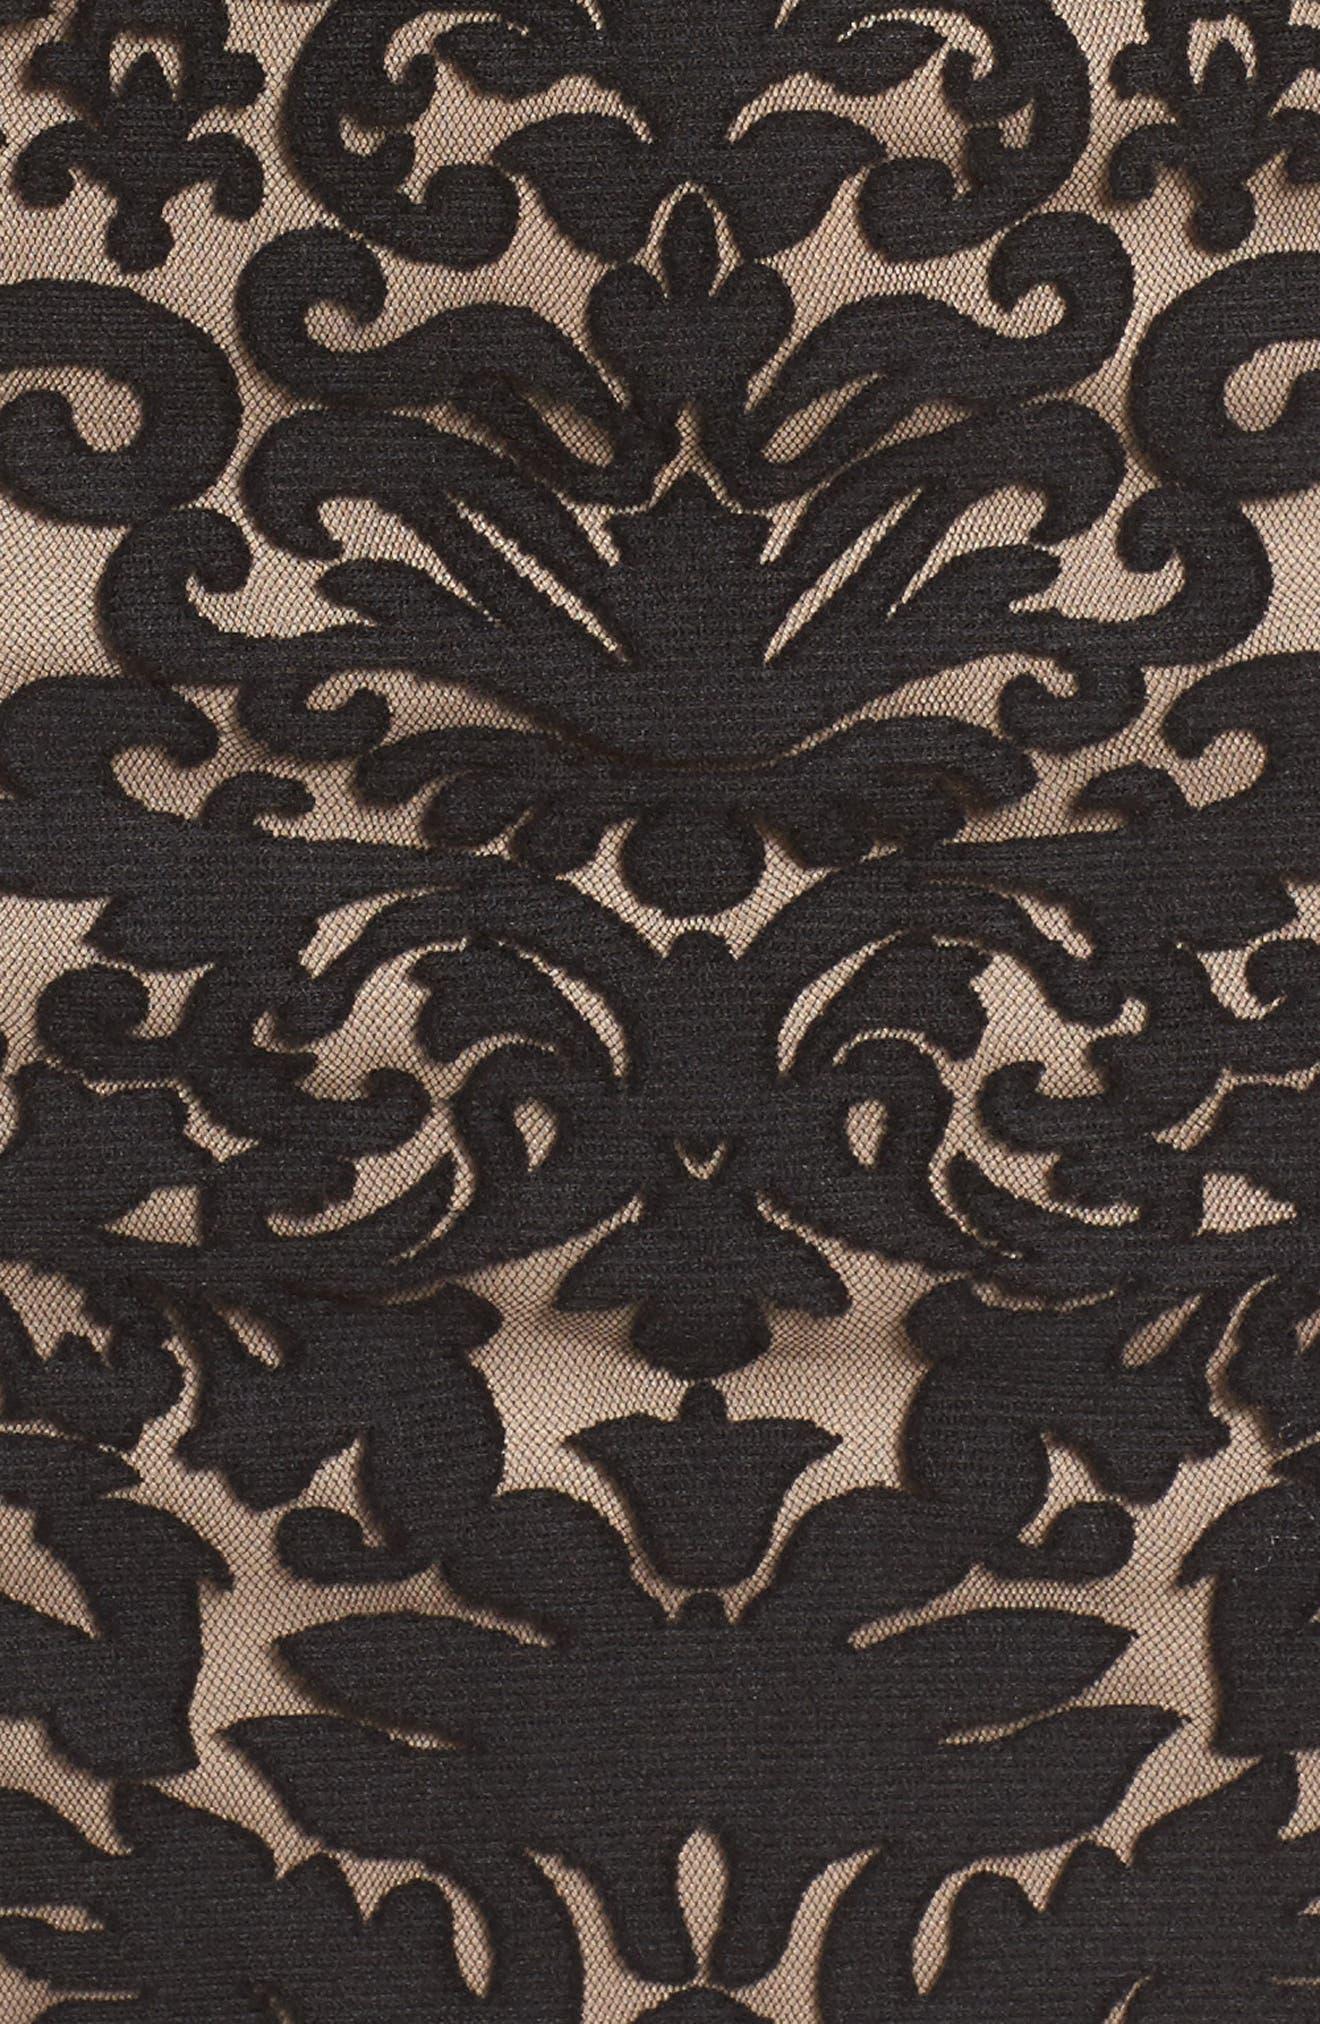 Flocked Cold Shoulder Sheath Dress,                             Alternate thumbnail 5, color,                             009